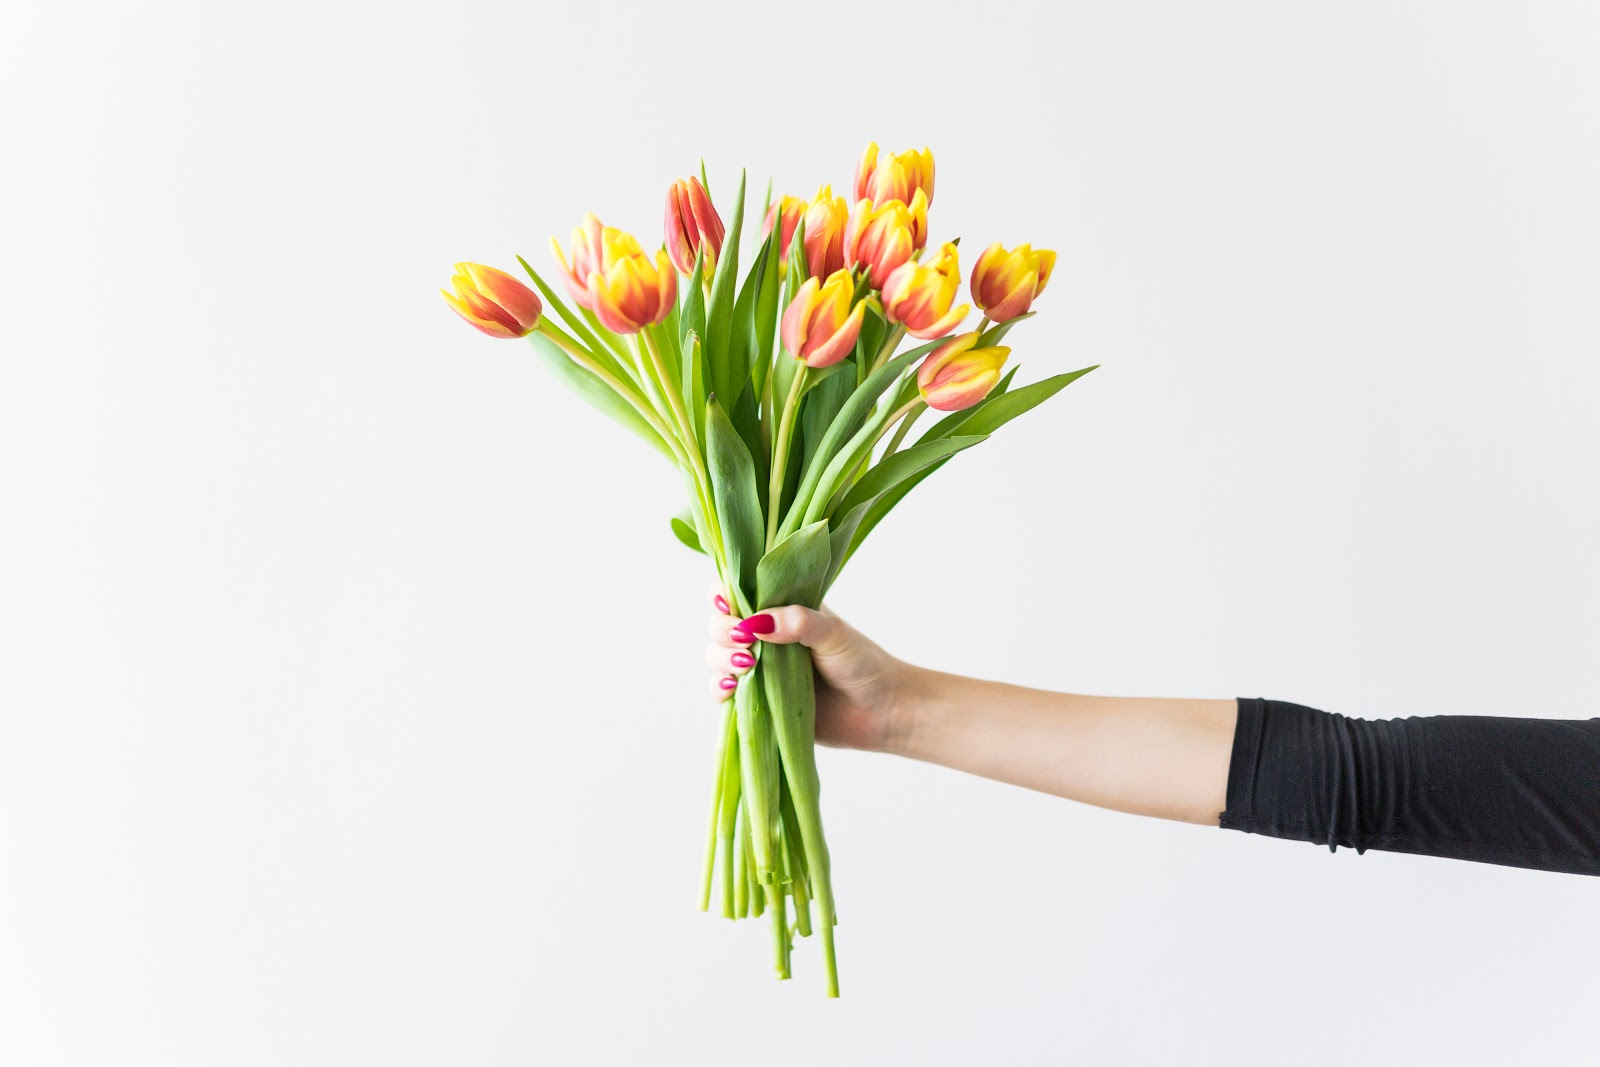 urodziny, birthday, birthday girl, flowers, birthday flowers, tulips, 26 thought on 26th birthday, 26 myśli na 26 urodziny